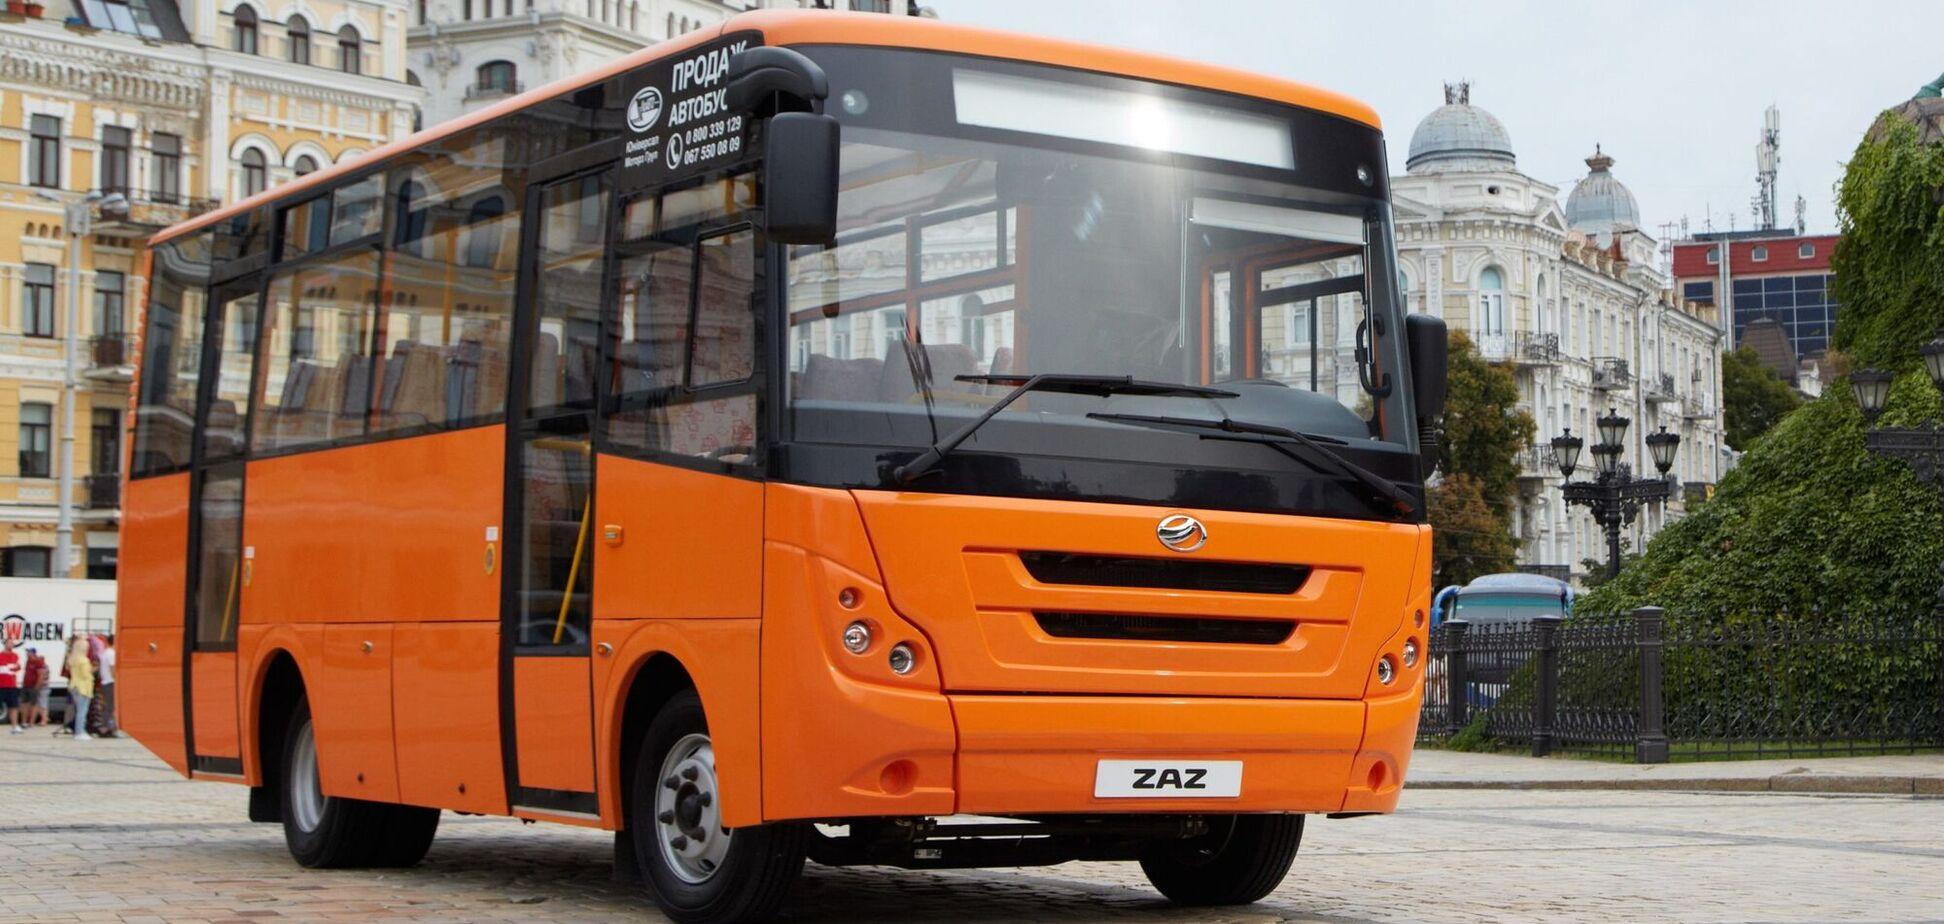 Запорожский автозавод презентовал новый пригородный автобус ЗАЗ А-08